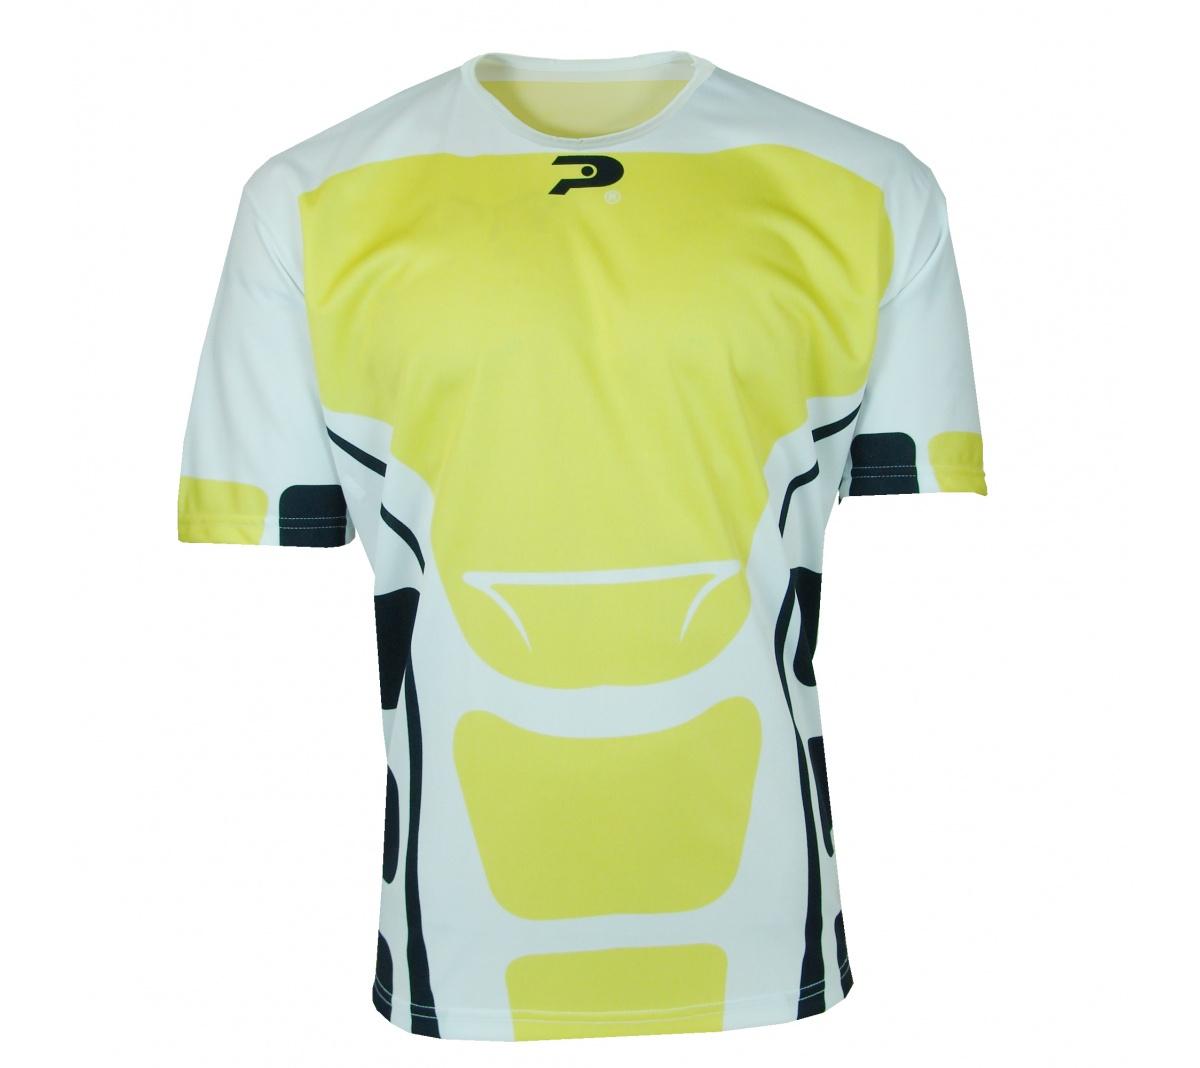 Camisa Placar Beirut Branco e Amarelo Camisa Placar Beirut Branco e Amarelo  ... 50fbc0b9a206e